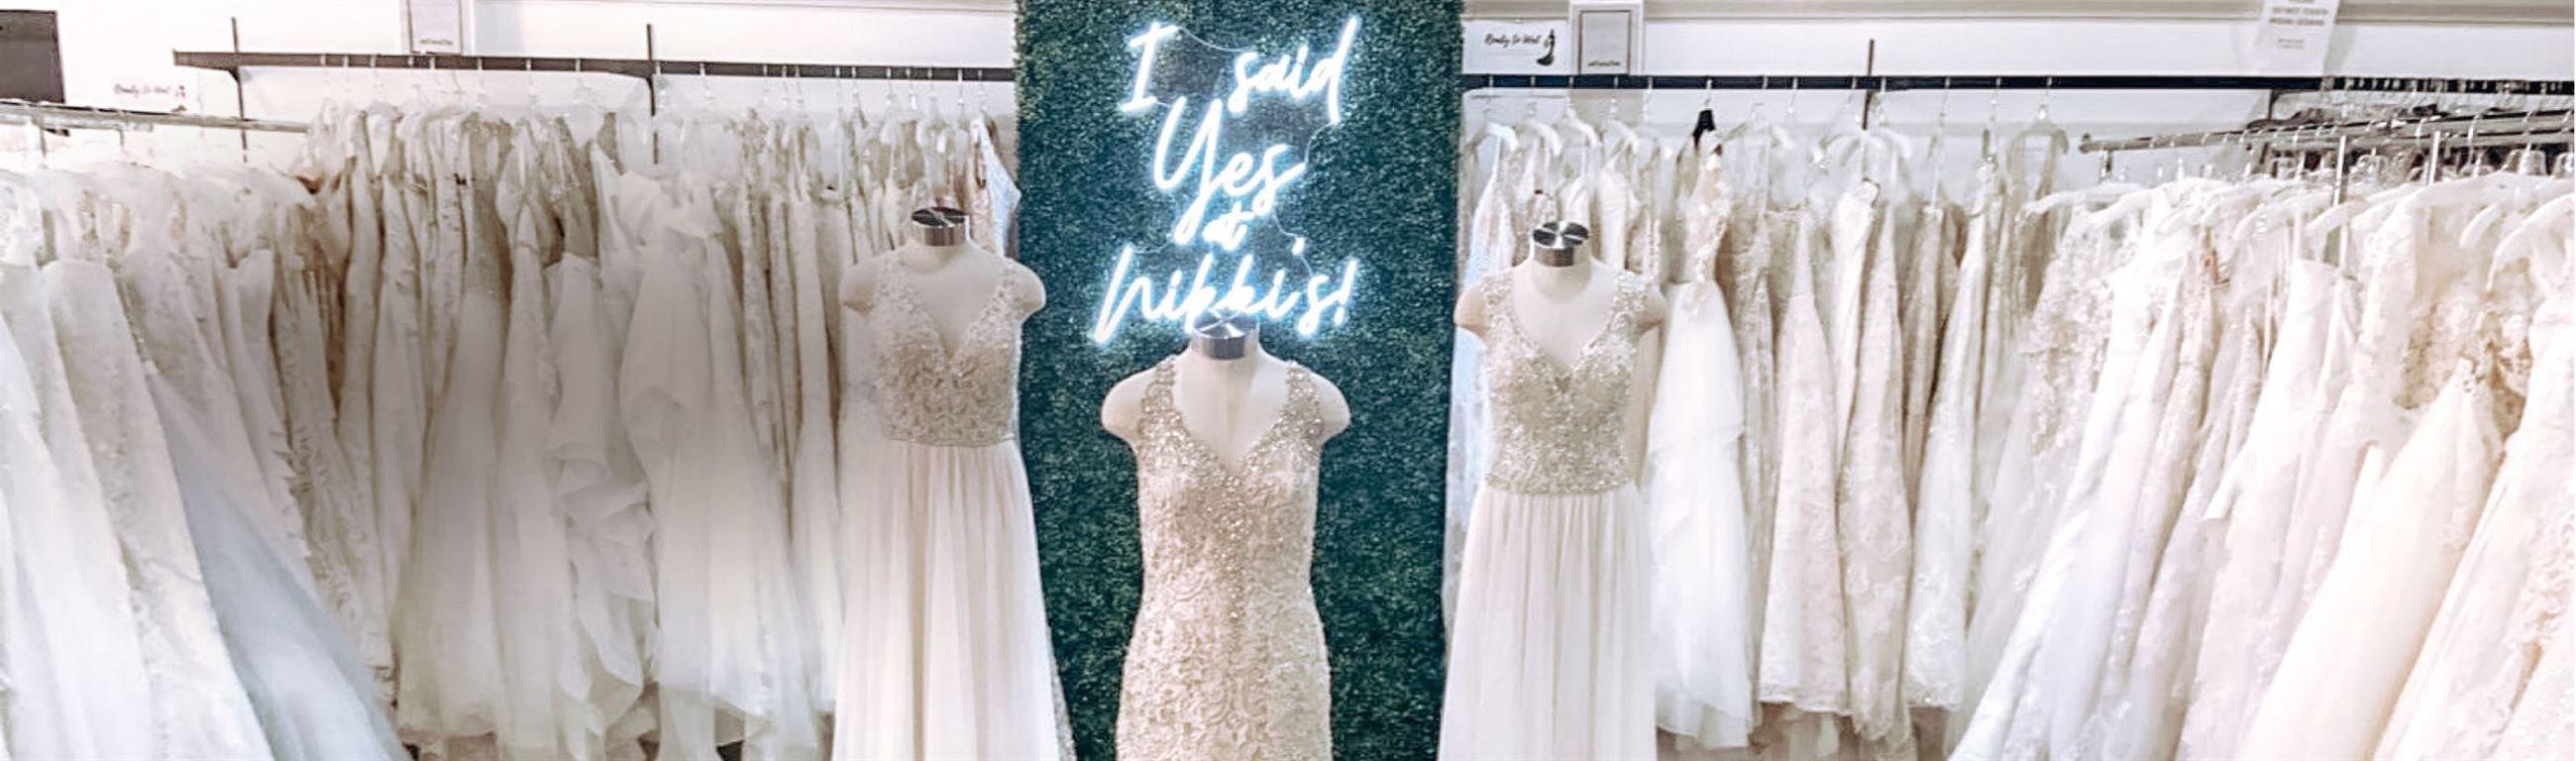 Models wearing white dresses